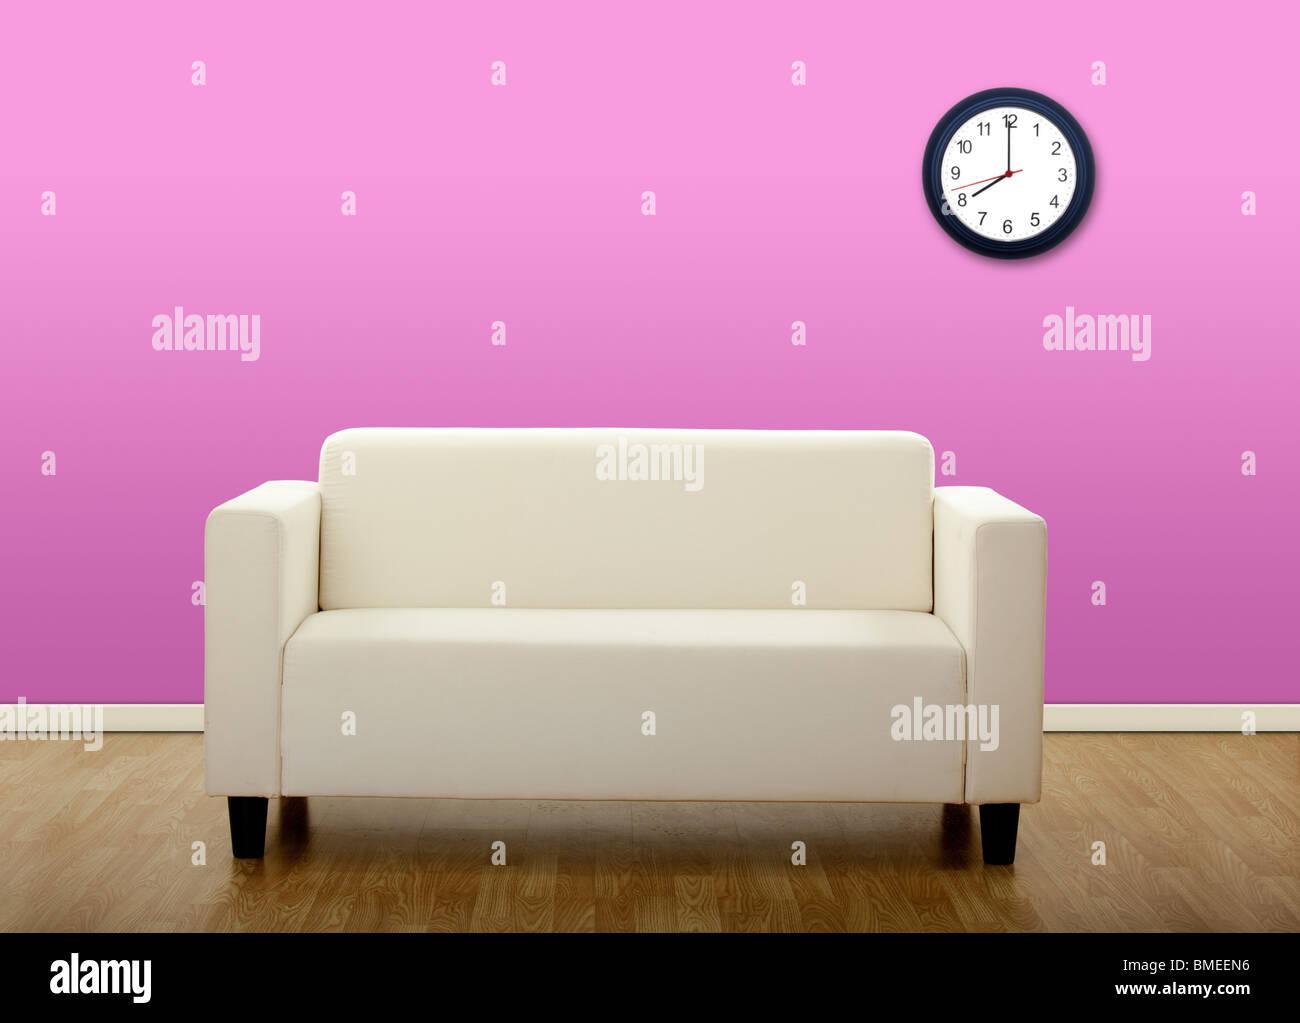 Immagine di una casa con un divano in centro Immagini Stock